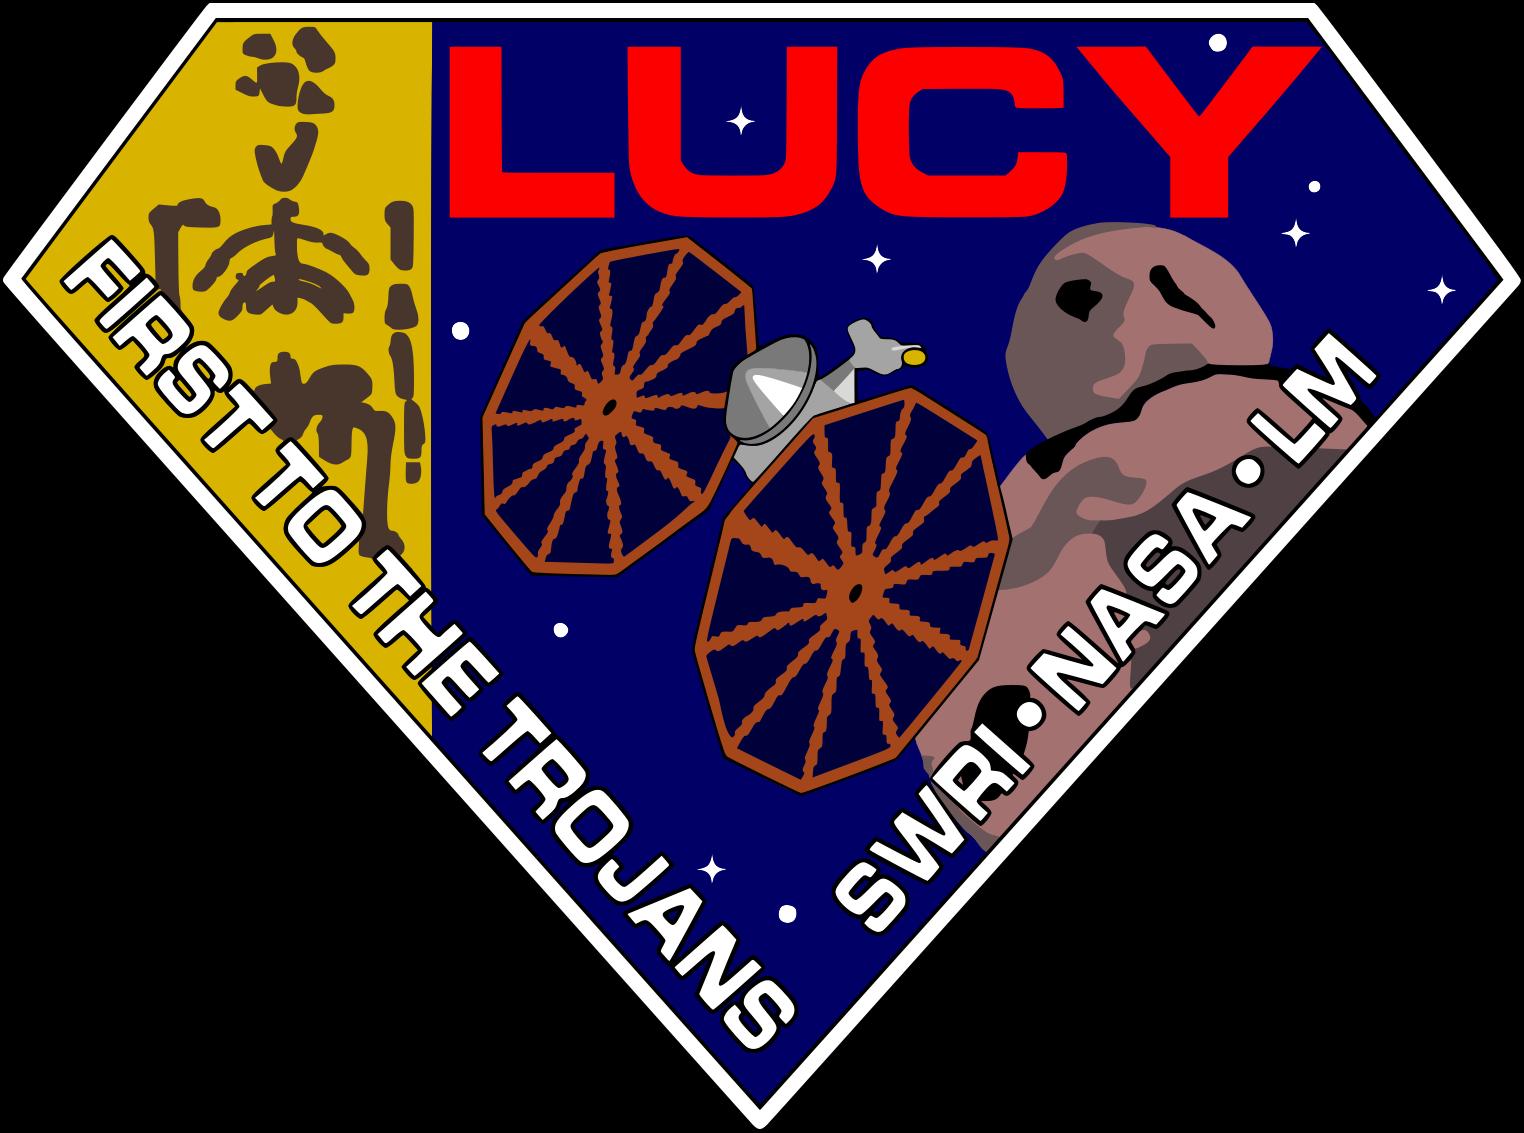 Le badge de la mission Lucy. On y voit la sonde Lucy avec ses deux grands panneaux solaires et un astéroïde.